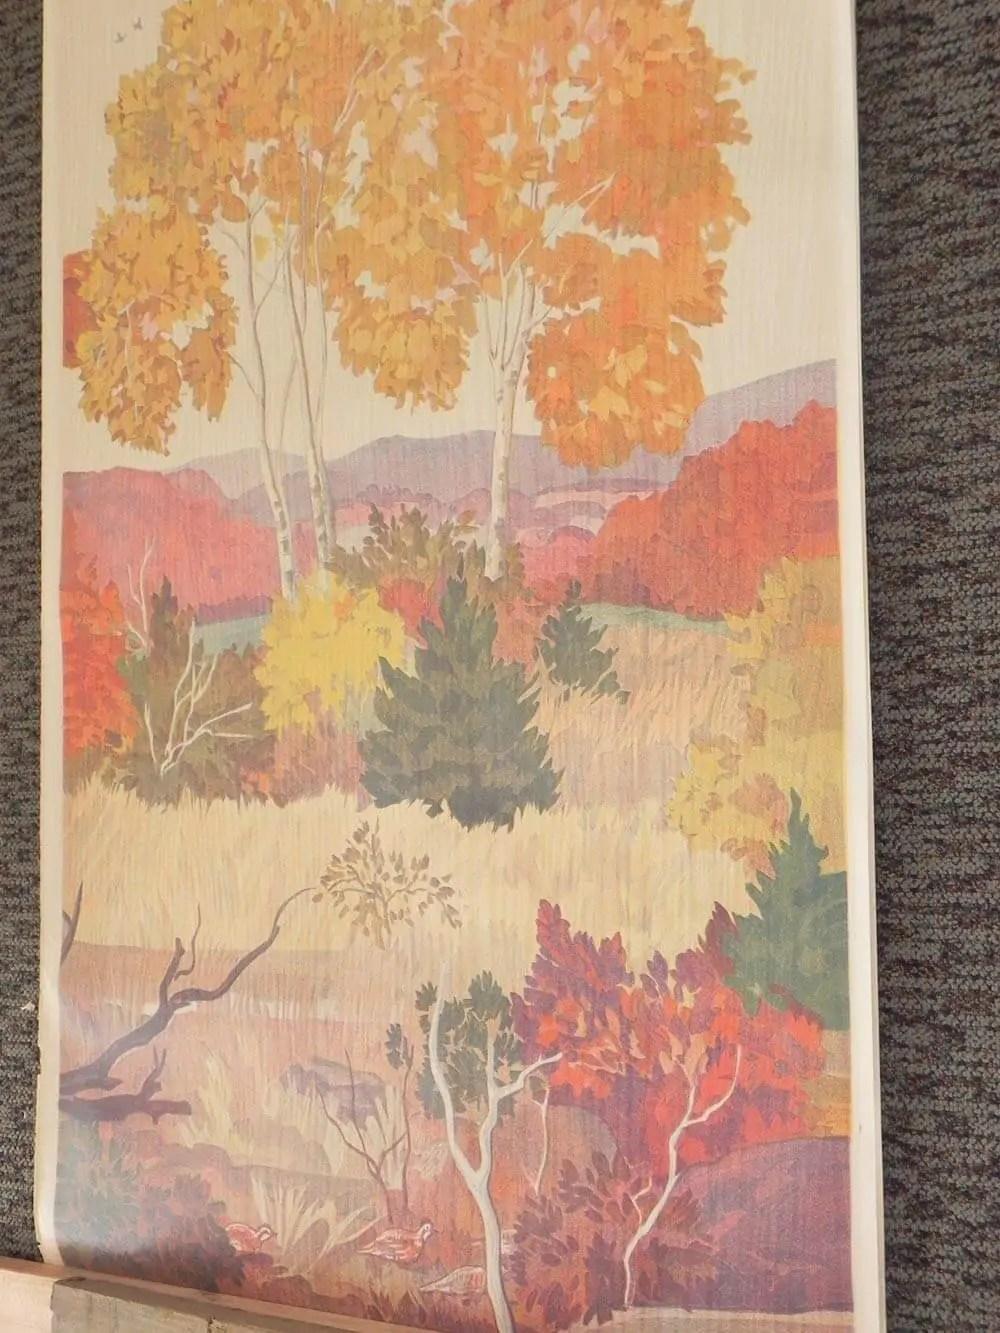 Fall Hunting Wallpaper Full Room Vintage Wallpaper Murals By The Schmitz Horning